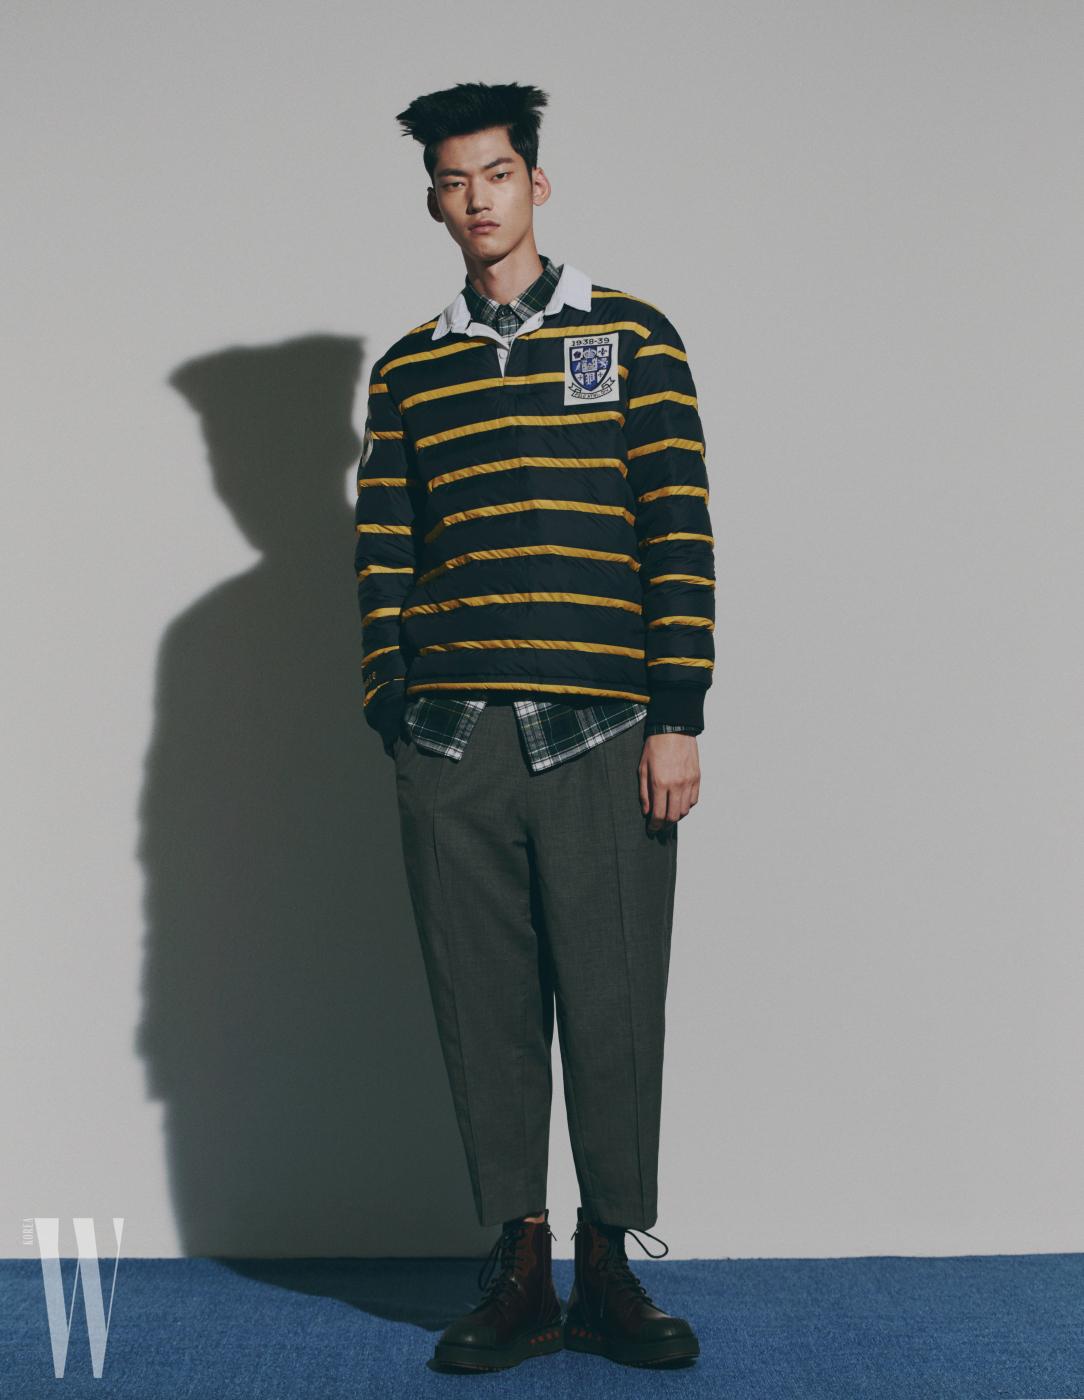 프레피 스타일의 폴로셔츠를 두툼하게 만든 톱, 체크 셔츠, 팬츠는 모두 폴로 랄프로렌, 버건디색 부츠는 발렌티노 가라바니 제품.